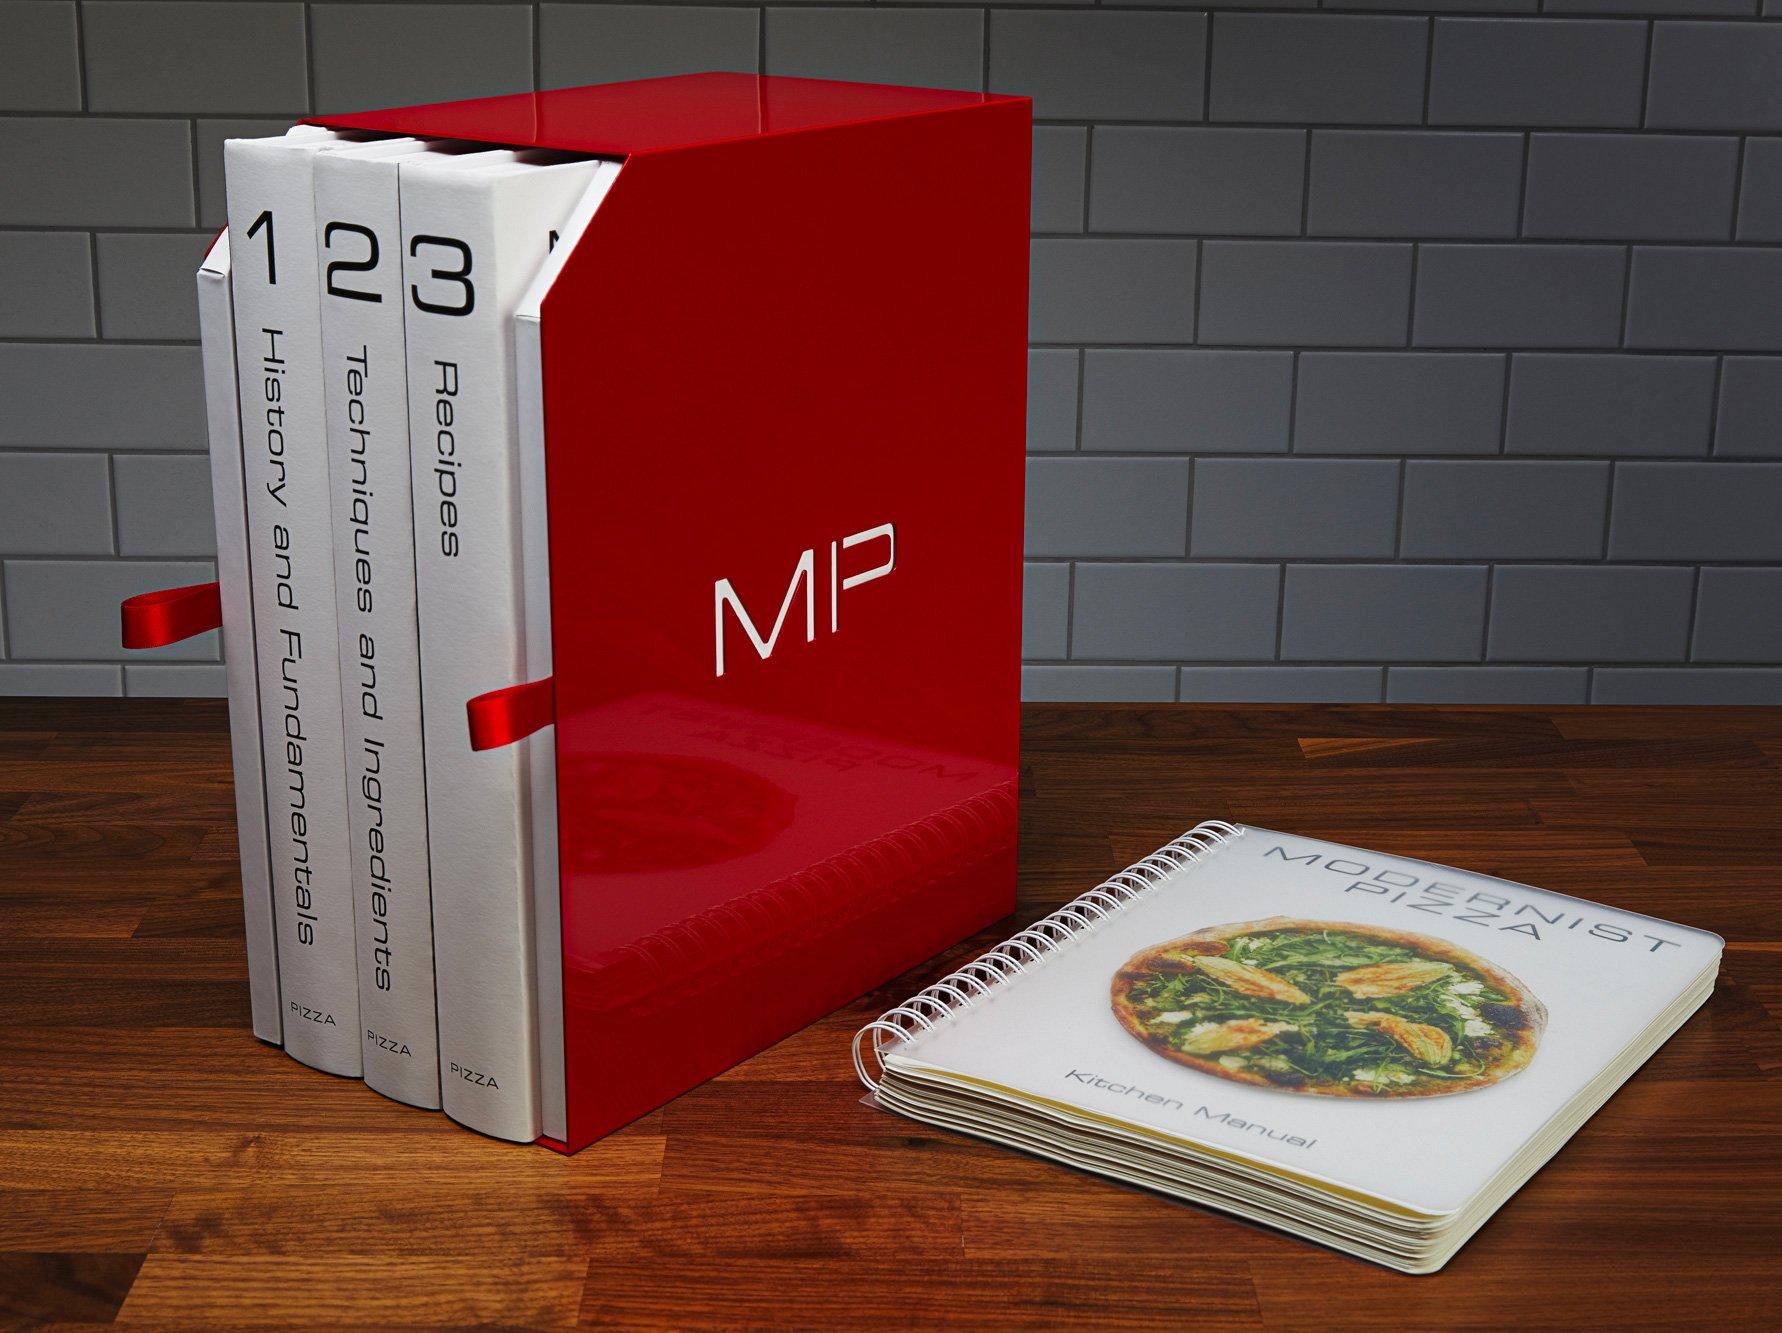 Modernist Pizza at werd.com